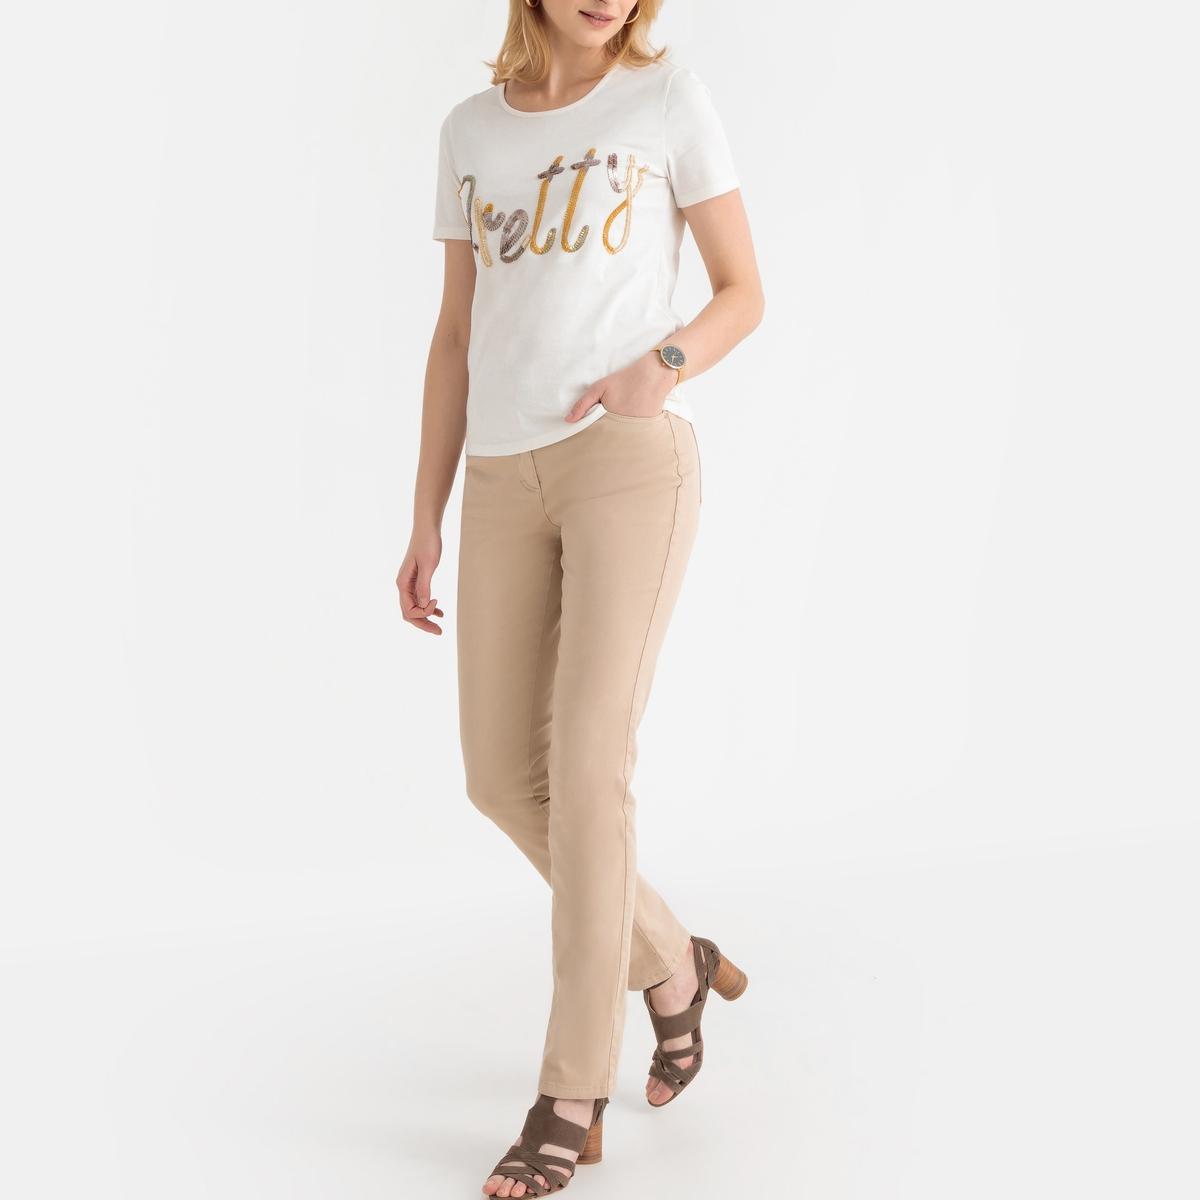 Imagen secundaria de producto de Camiseta con cuello redondo de manga corta, con lentejuelas delante - Anne weyburn